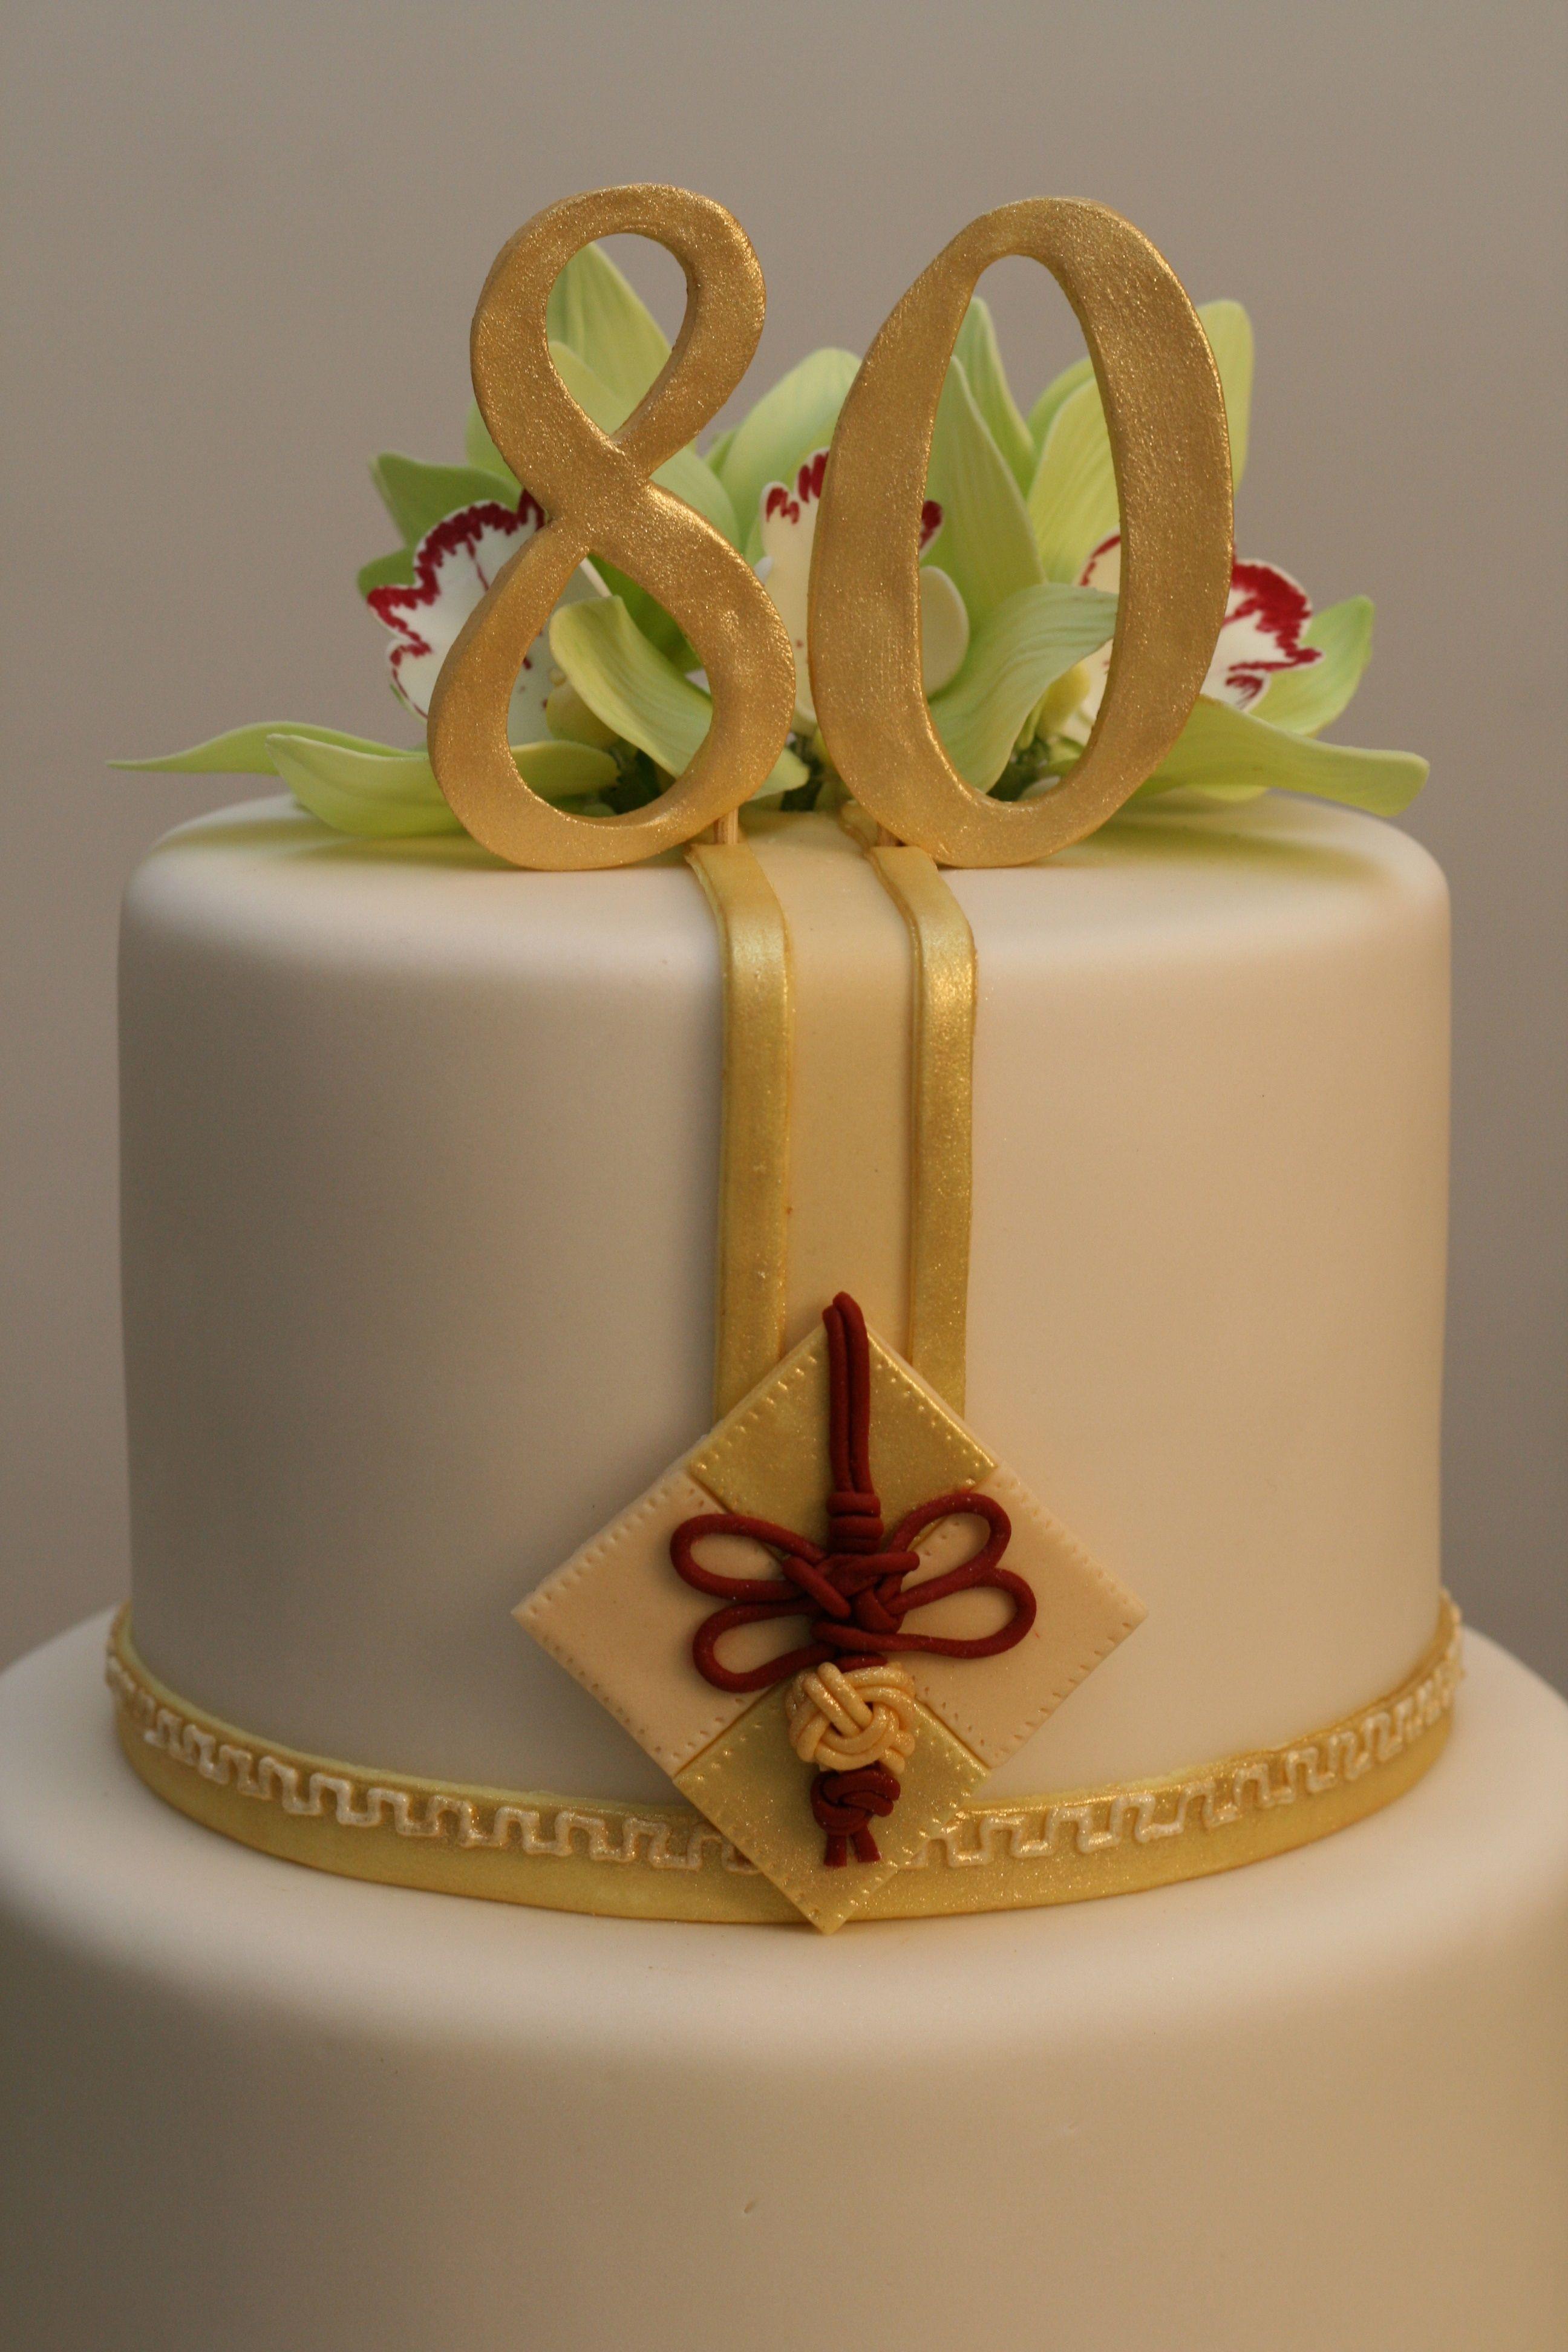 80th birthday cake topper cakes Pinterest